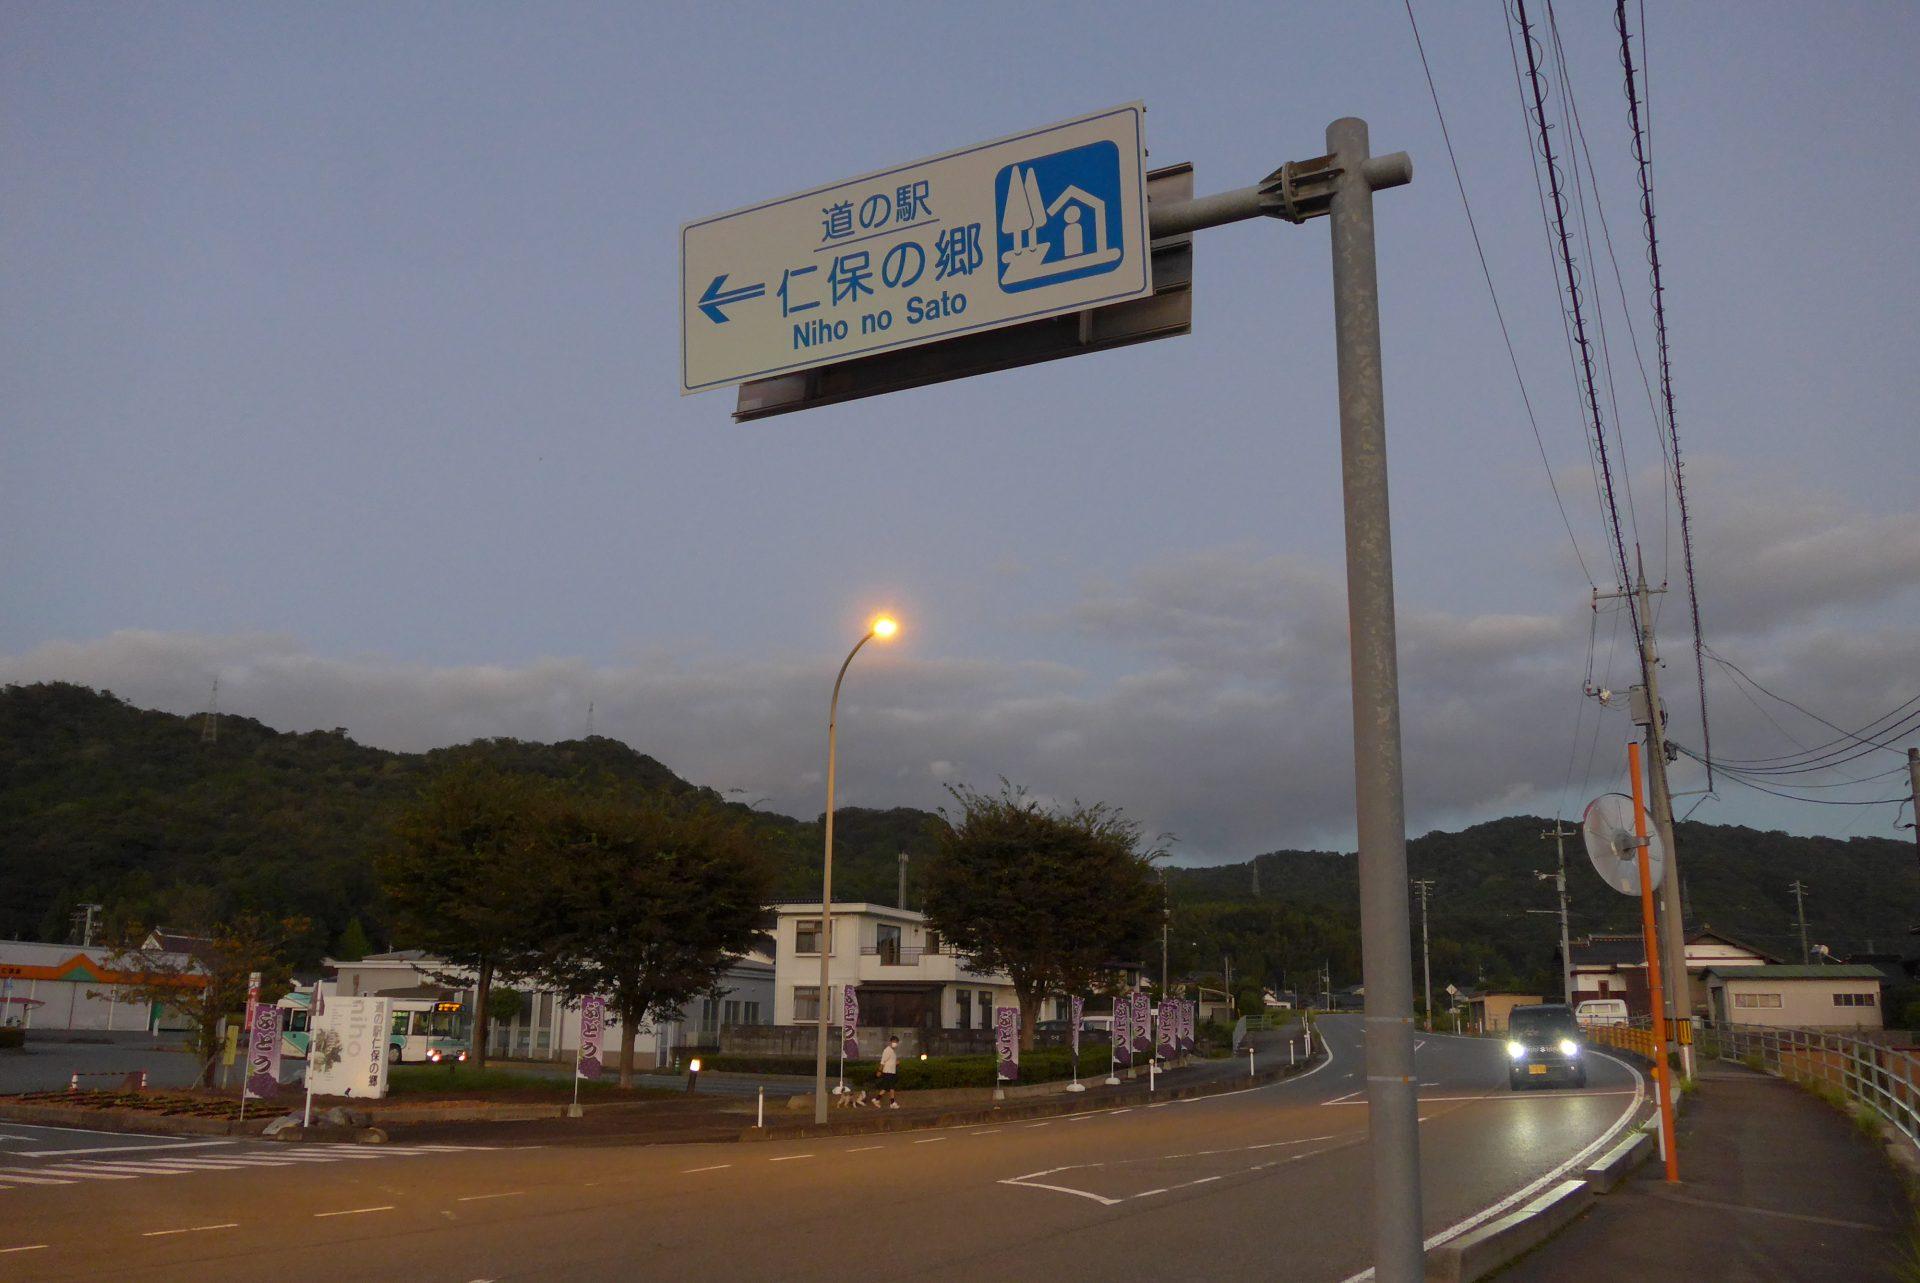 (K)道の駅仁保の郷の車中泊!山口市から近い!熟睡できるスポット!